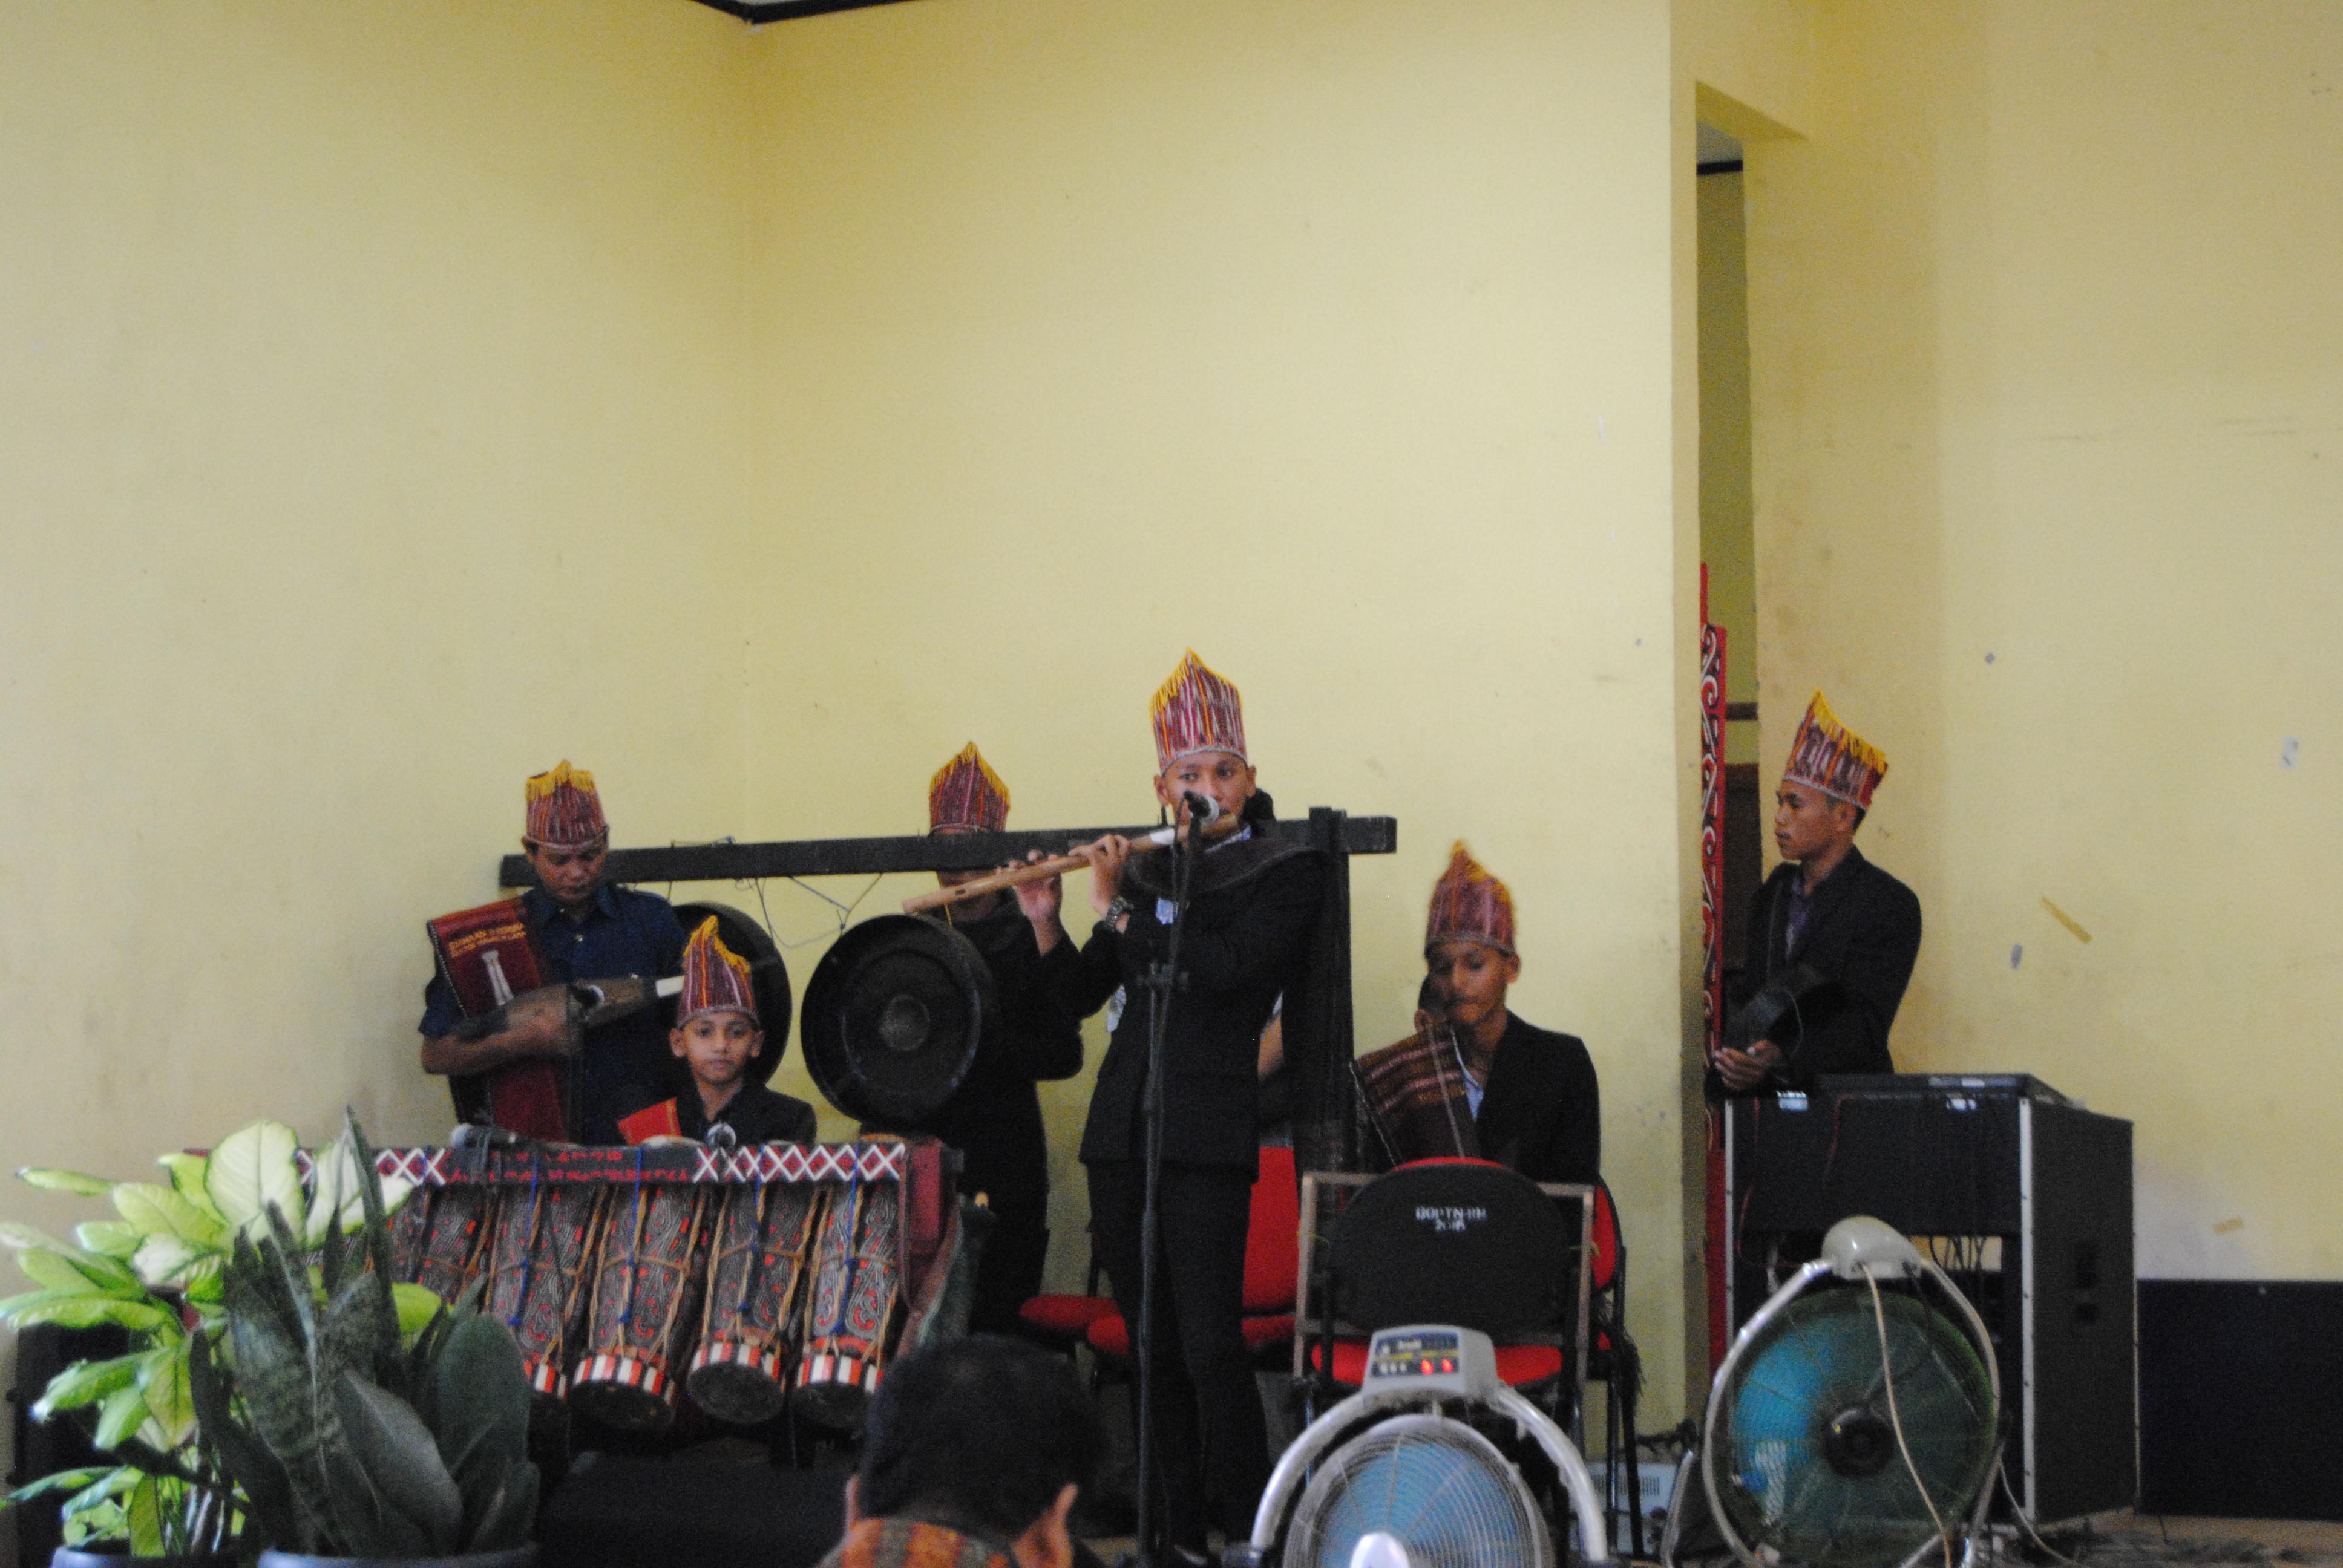 musik batak mengunakan alat musik daerah batak Yang mengisi kegiatan acara Workshop Tor-Tor batak. (25/10) (Fotografer: Arsy Shakila Dewi)